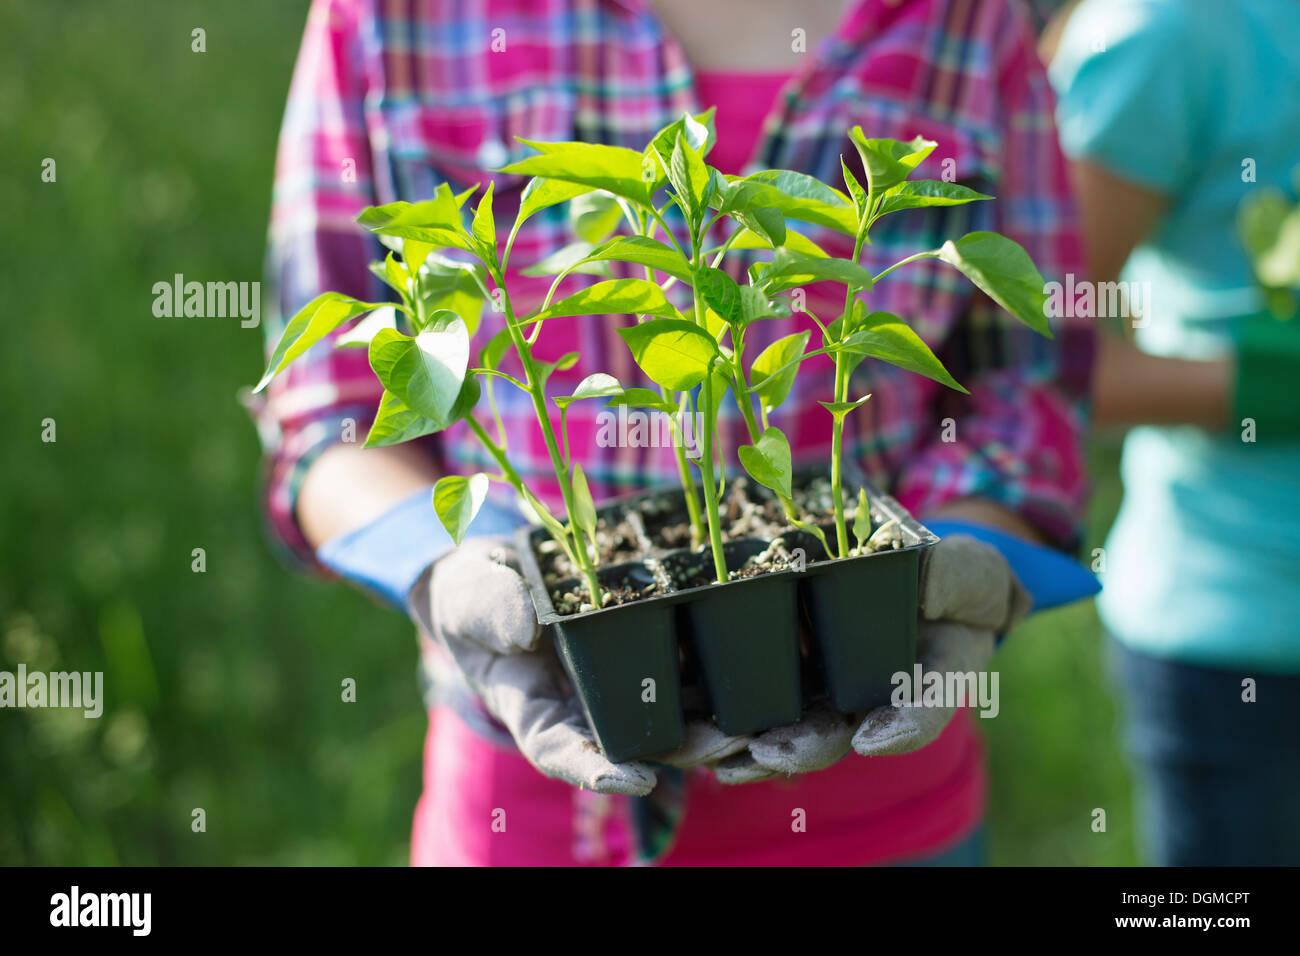 Azienda agricola biologica. Summer Party. Una giovane ragazza con un vassoio di giovani plantule radicate. Immagini Stock